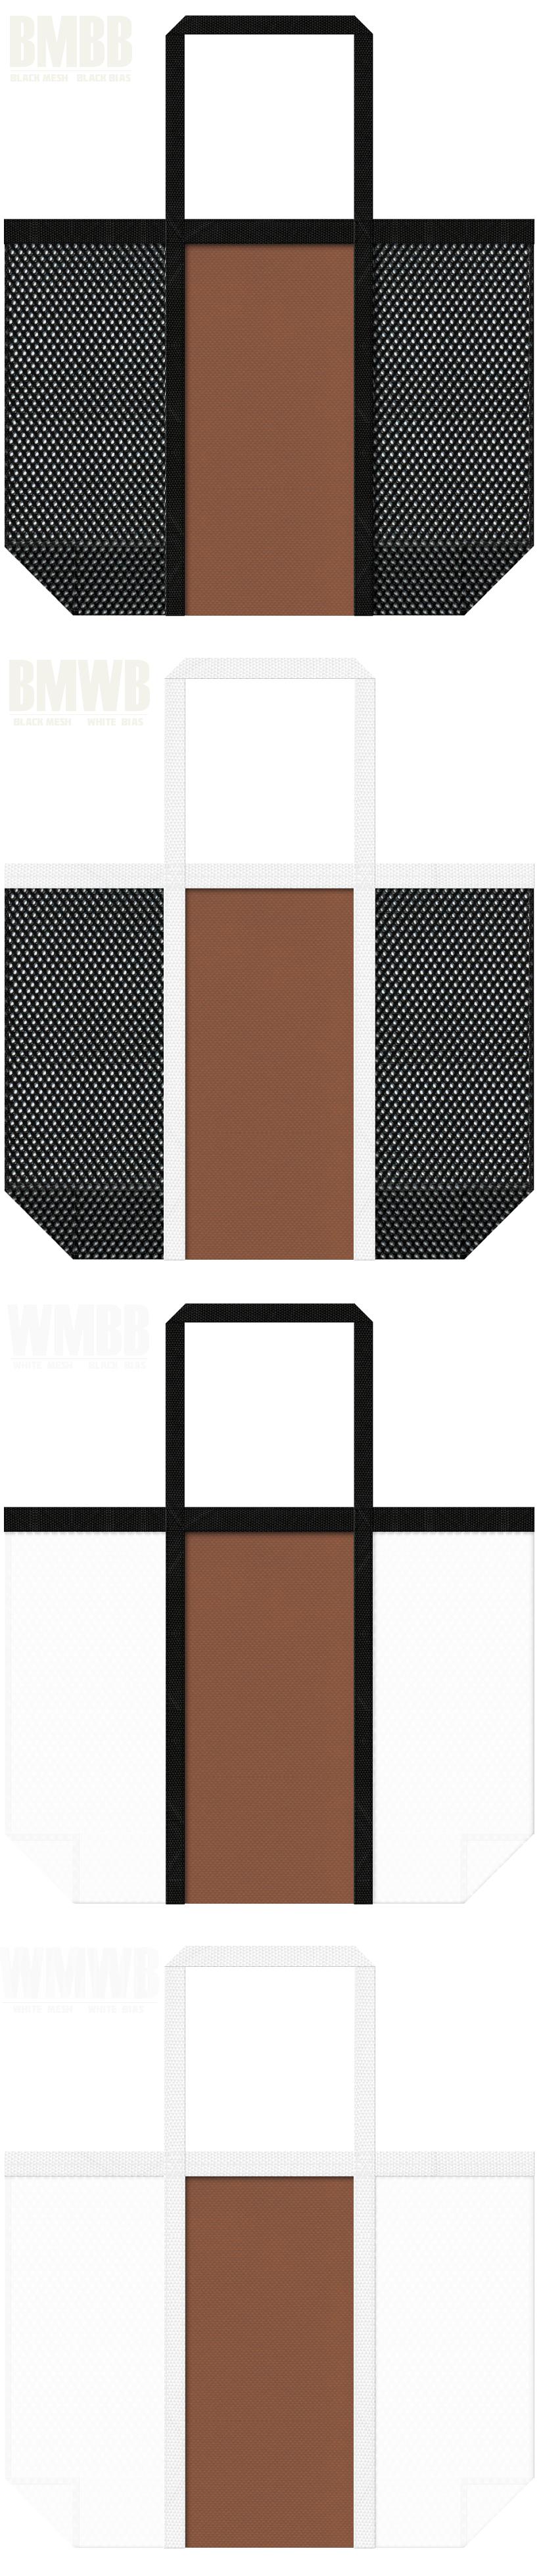 台形型メッシュバッグのカラーシミュレーション:黒色・白色メッシュと茶色不織布の組み合わせ